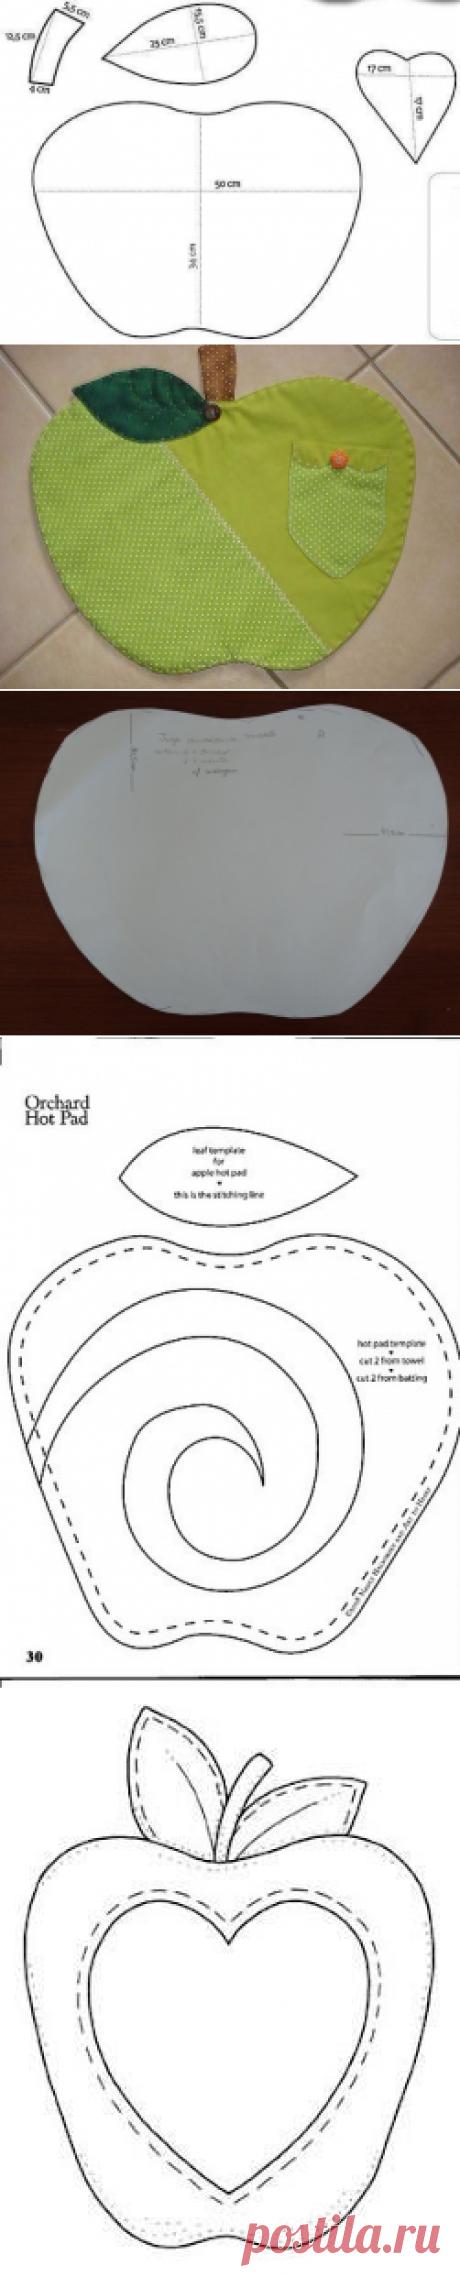 Яблочки для кухни в стиле печворк — Рукоделие